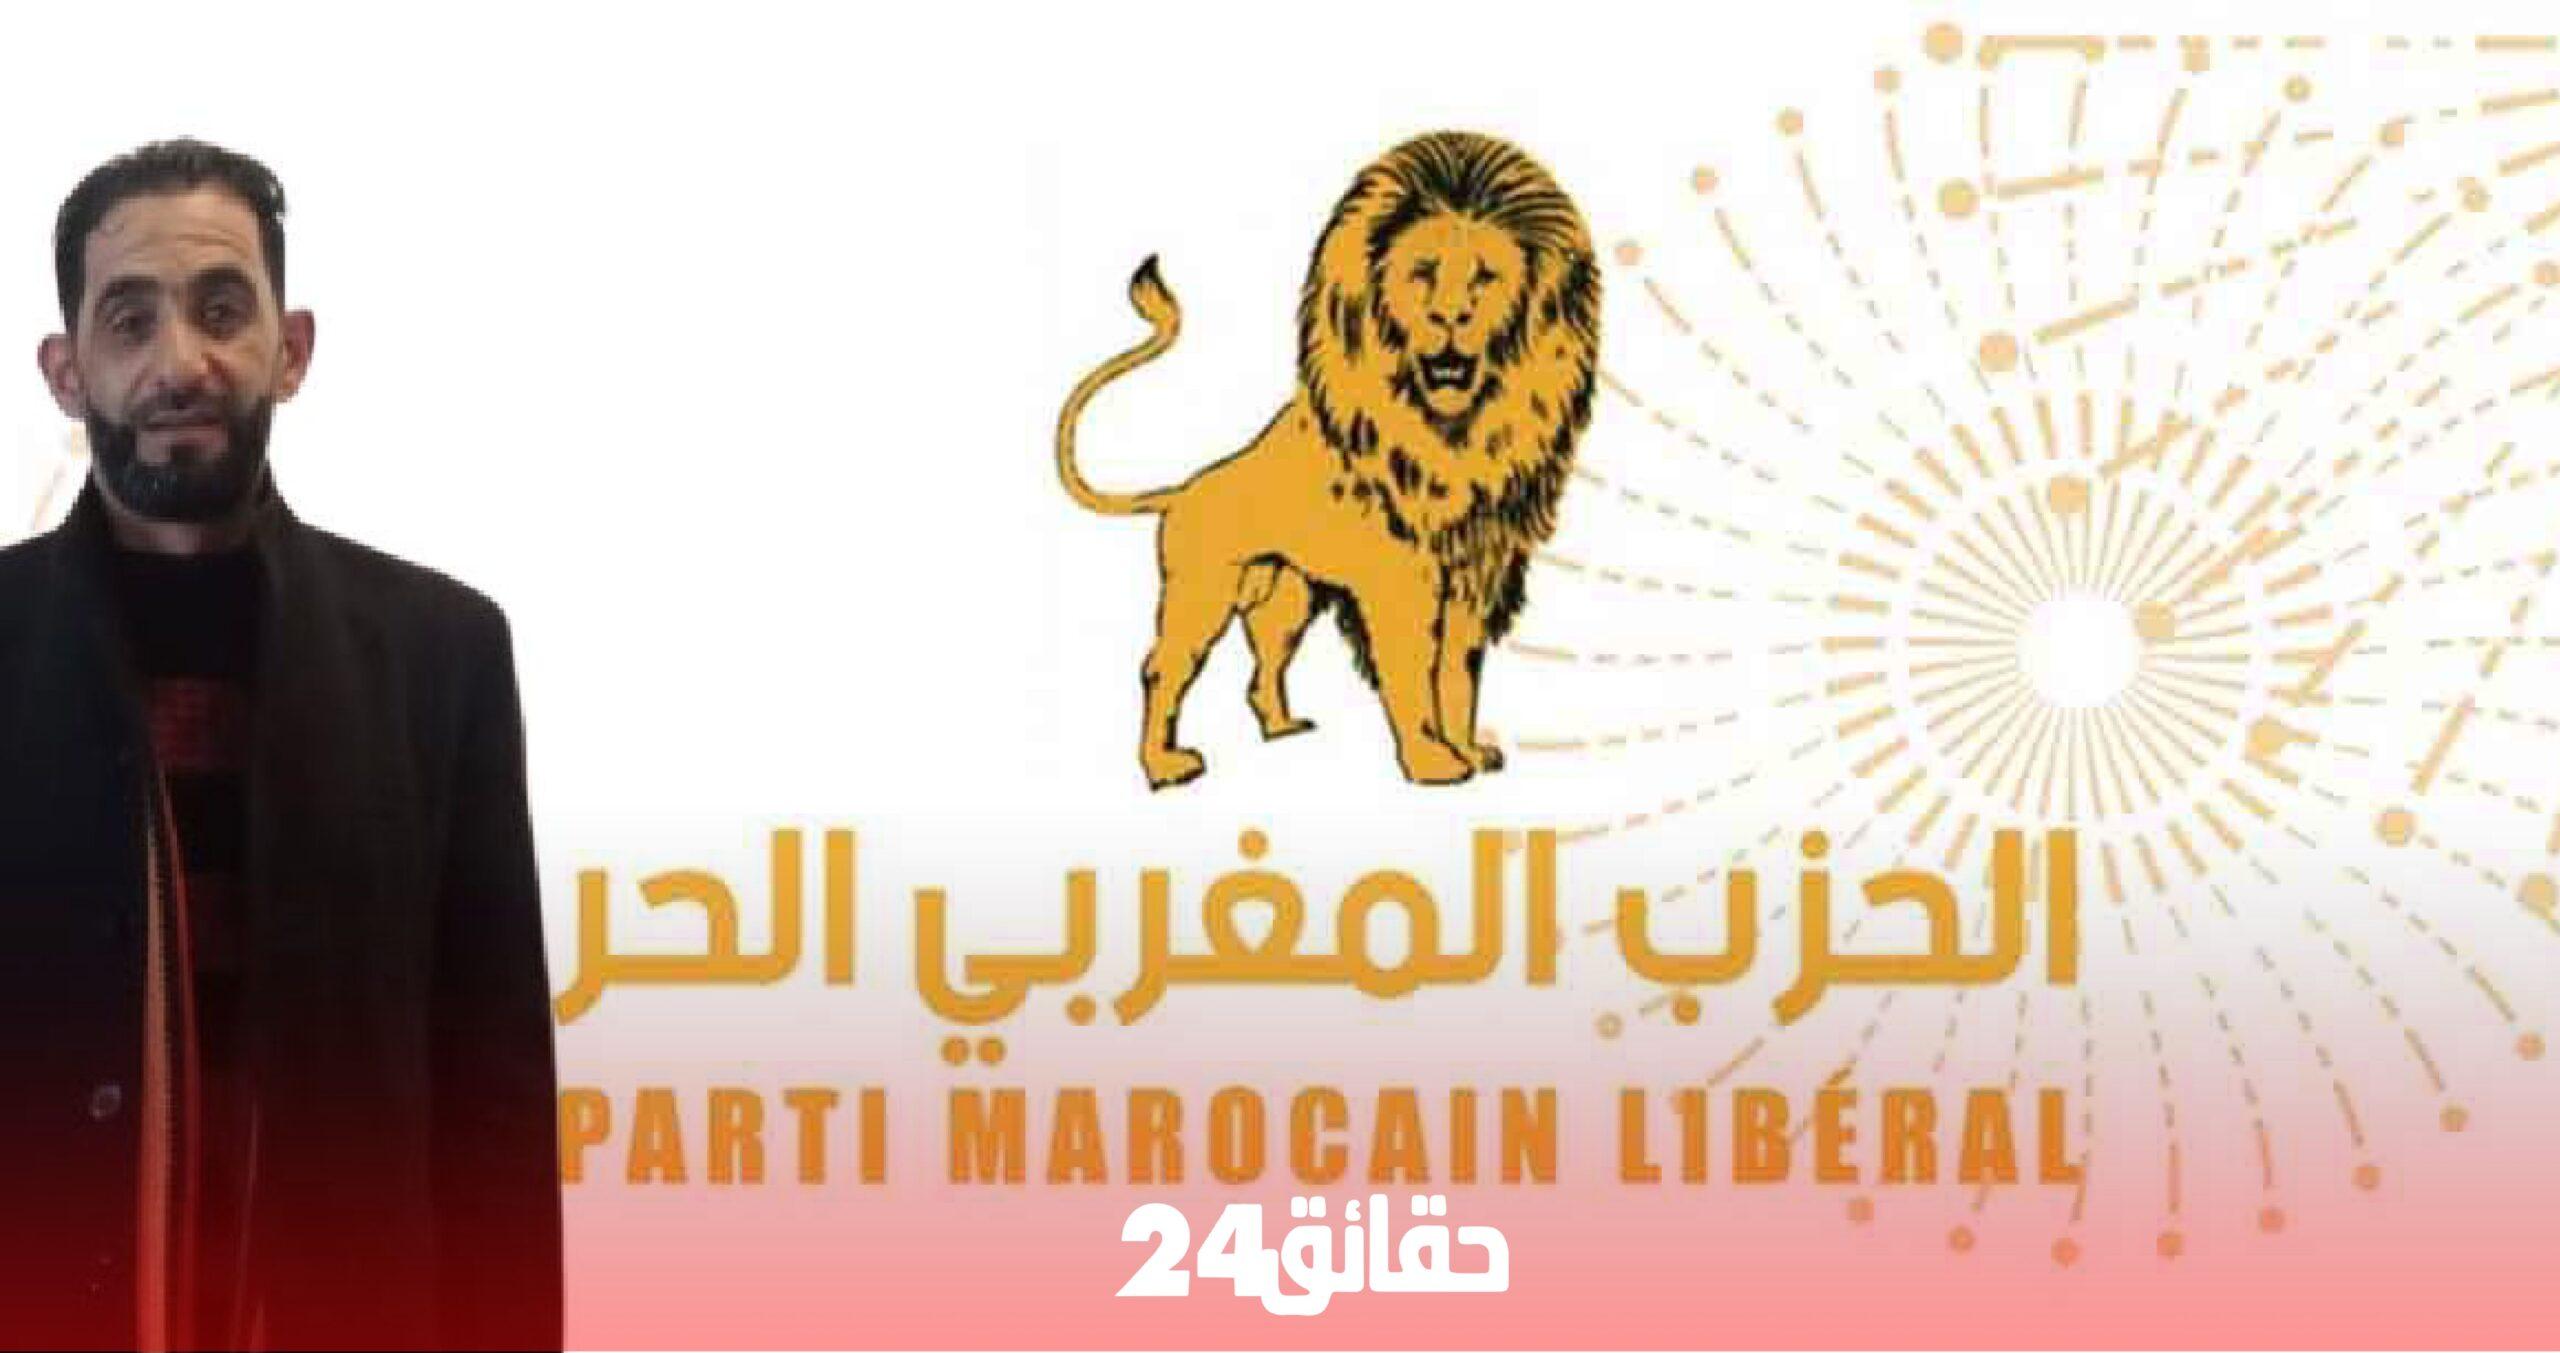 """صورة محمد أزداك منسقا إقليميا للحزب المغربي الحر بـ""""حاضرة المحيط"""""""